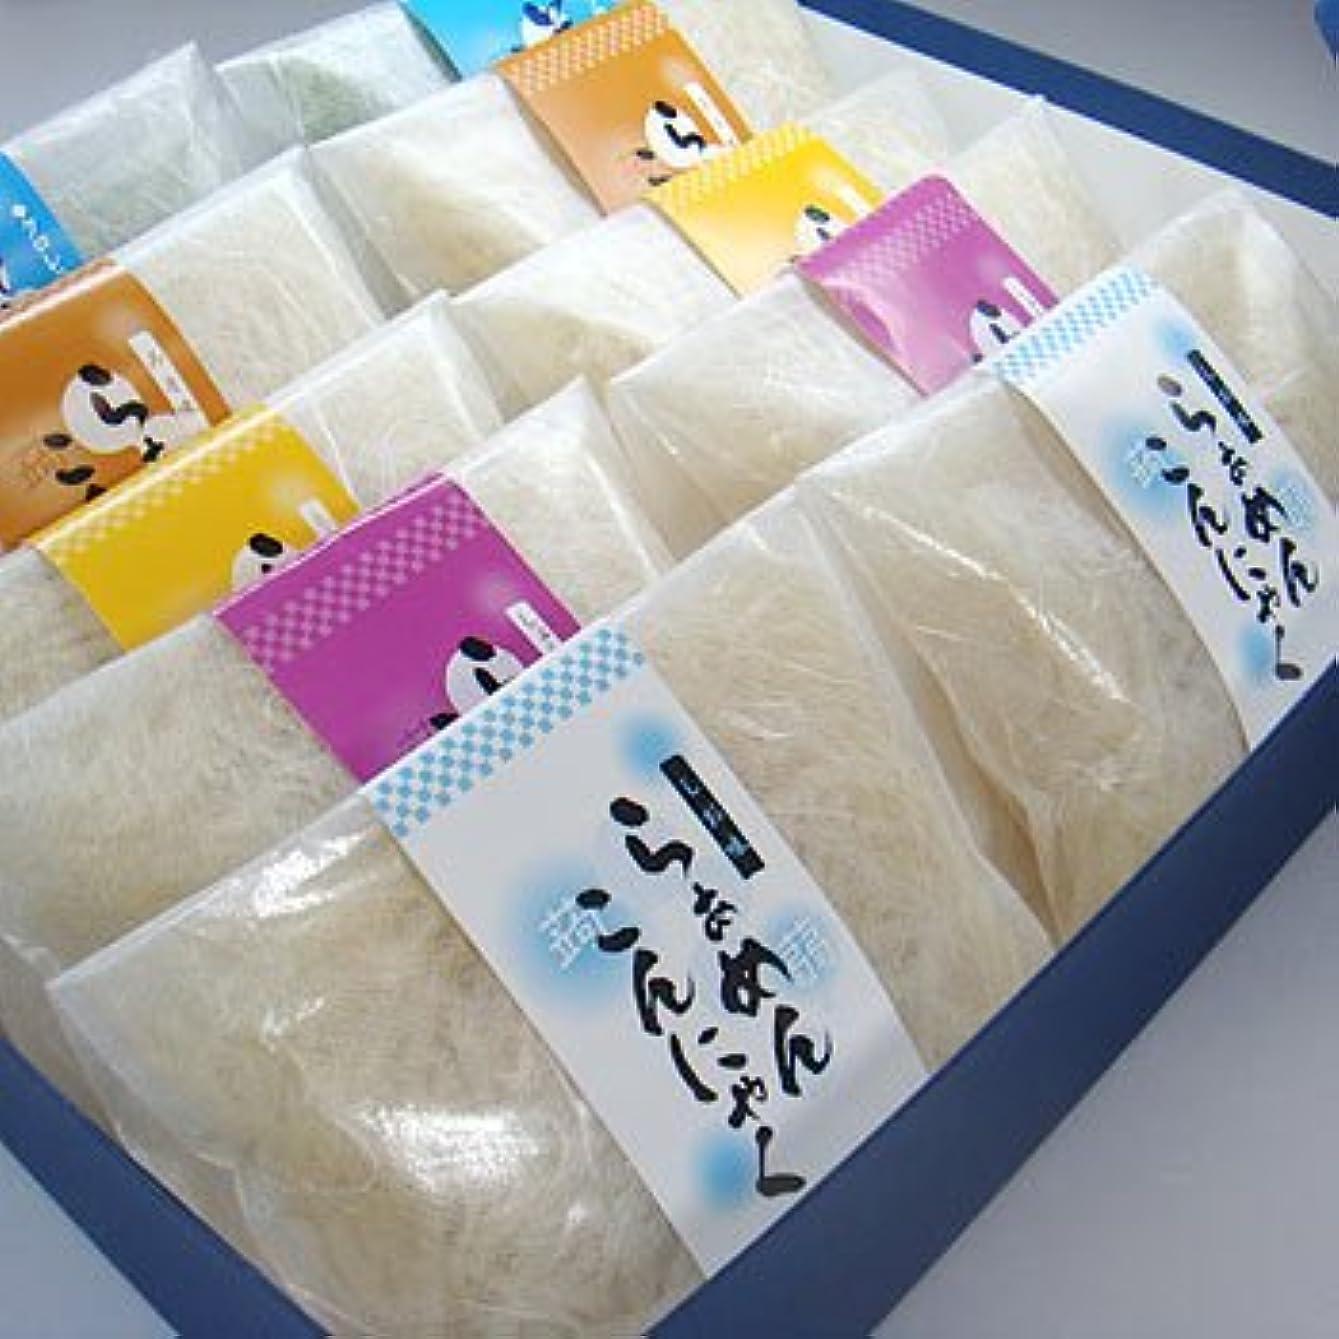 におい経営者孤独なギフト箱入こんにゃくラーメン10食セット【お中元】【ギフト】【ダイエット】【蒟蒻麺】